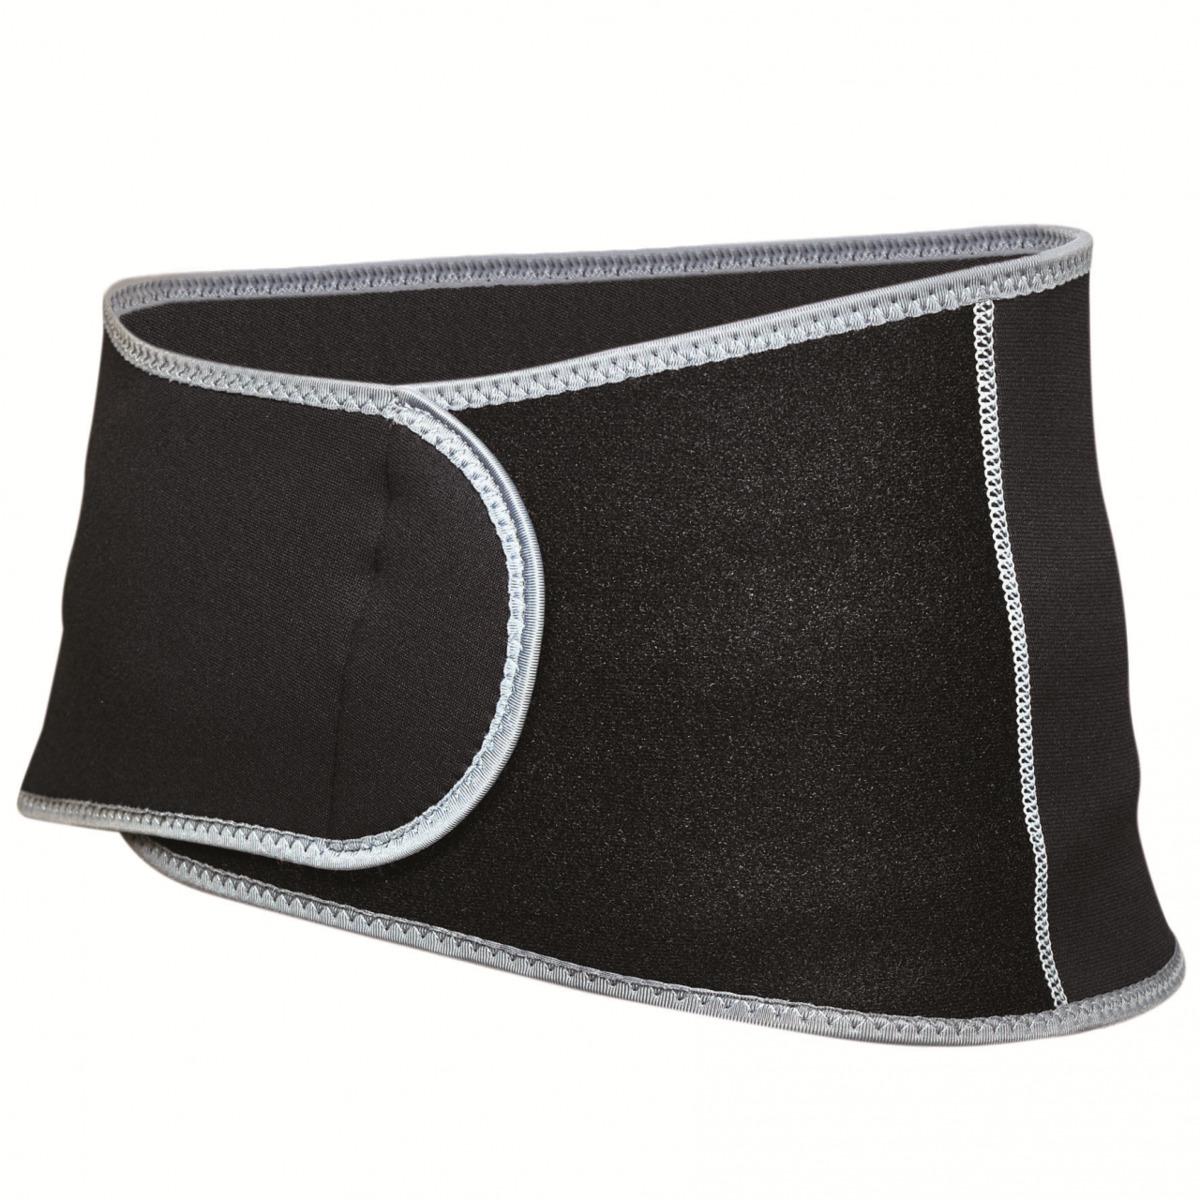 Bild 1 von Dittmann Health Rücken-Bandage